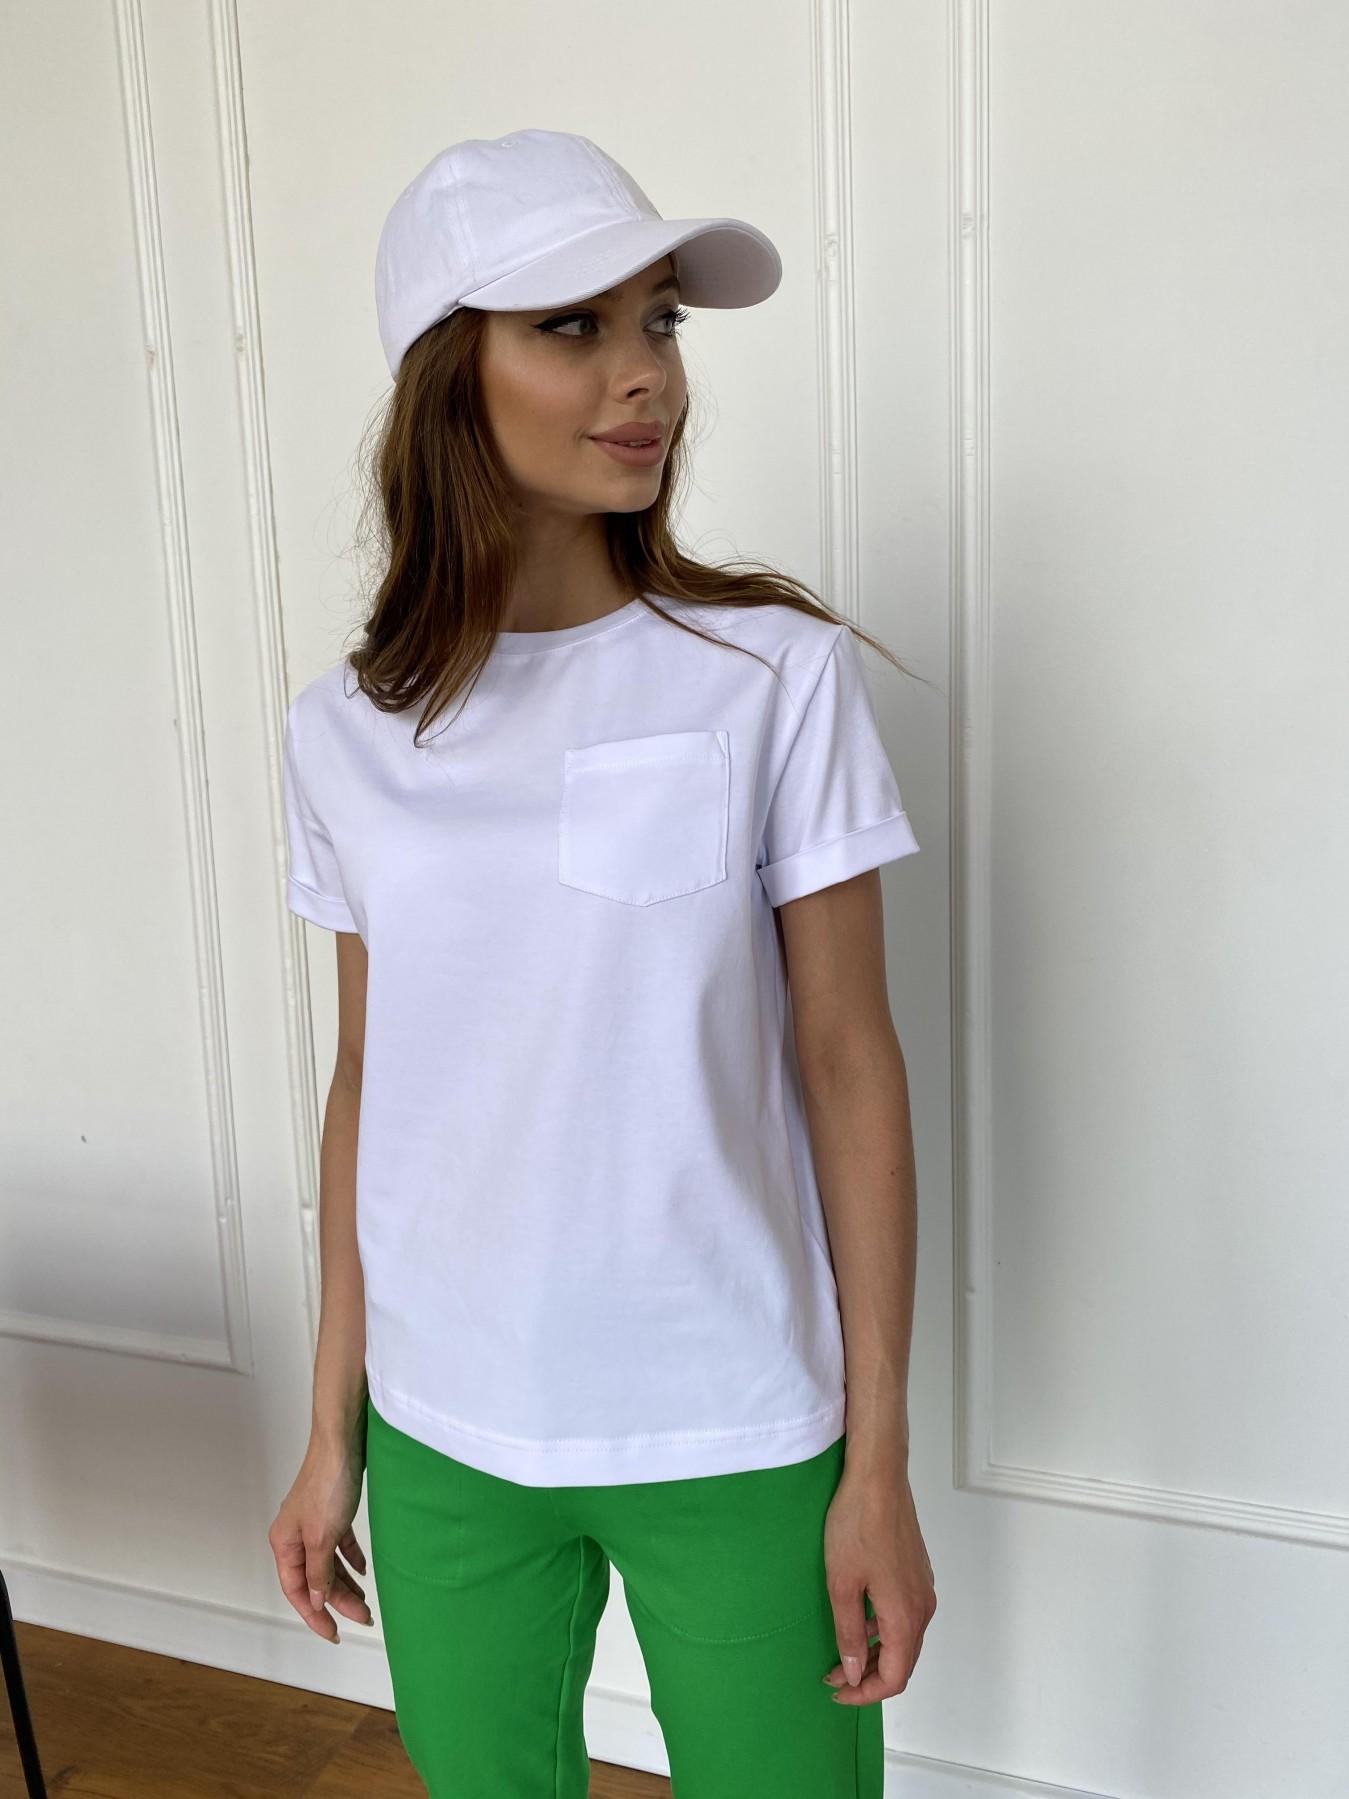 Вуди футболка из вискозы 11224 АРТ. 47750 Цвет: Белый - фото 2, интернет магазин tm-modus.ru